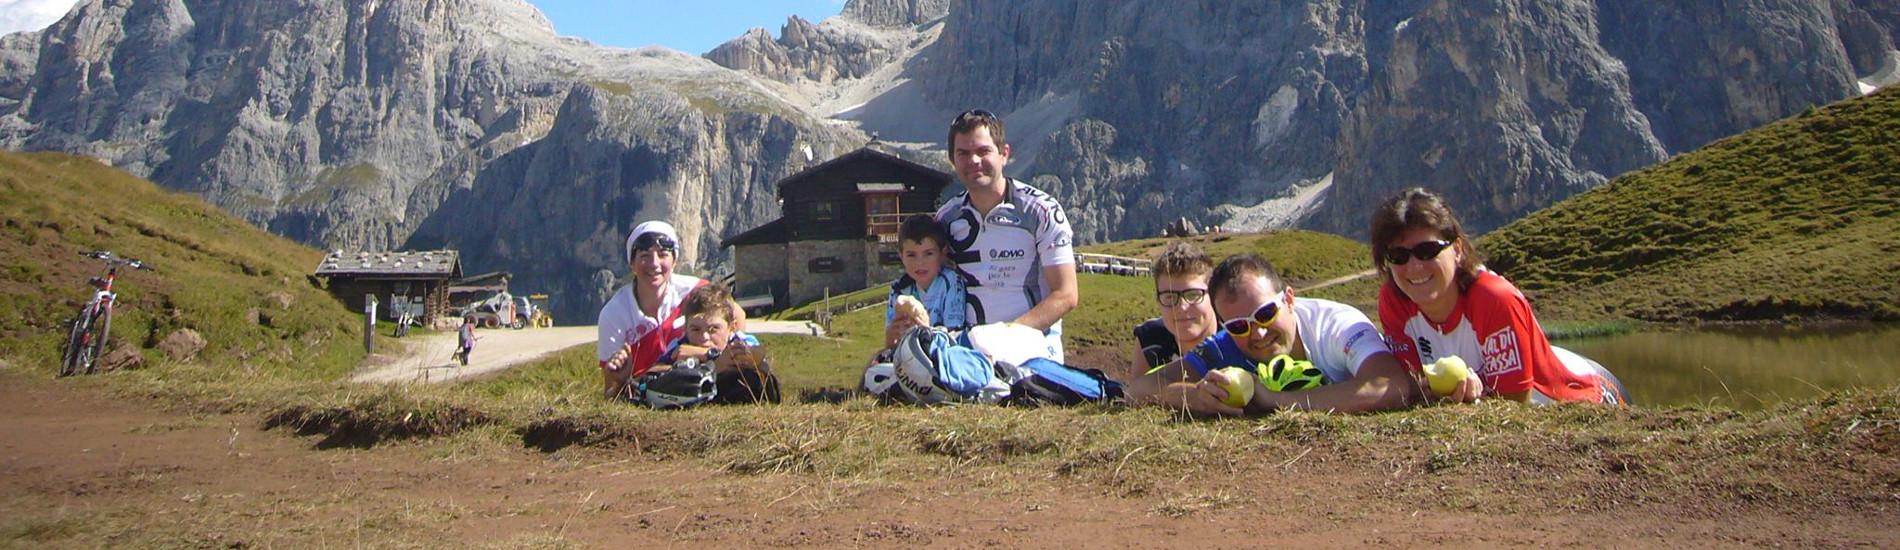 Vacanze in Trentino con tutta la famiglia